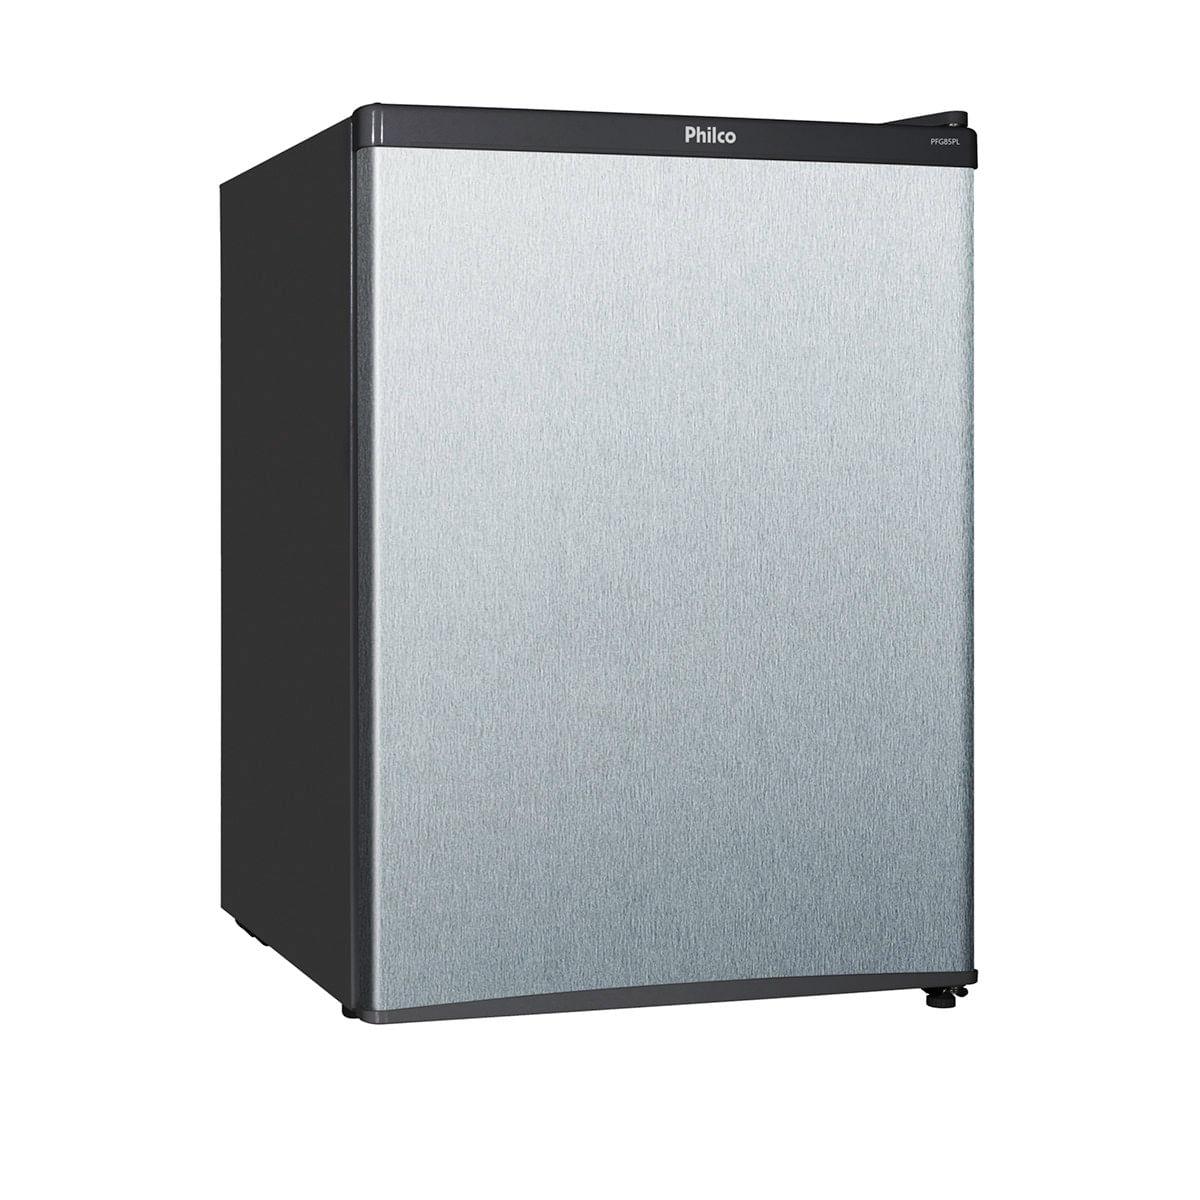 Geladeira/refrigerador 67 Litros 1 Portas Platinum - Philco - 110v - Pfg85pl